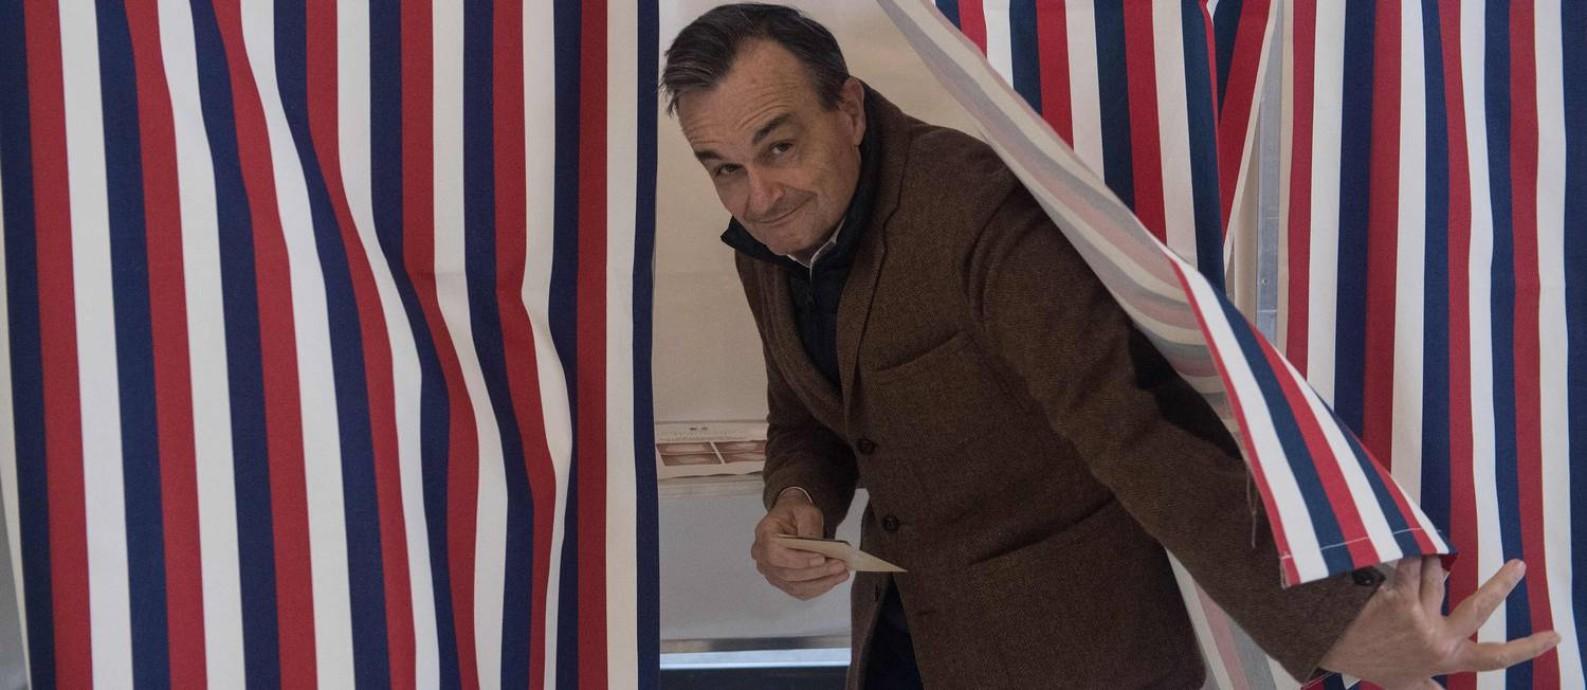 """Araud vota na eleição francesa de 2017. """"Quando o Reino Unido negociar um acordo de livre comércio com os EUA, haverá sangue britânico nos muros"""", diz ele Foto: NICHOLAS KAMM / AFP/6-5-2019"""